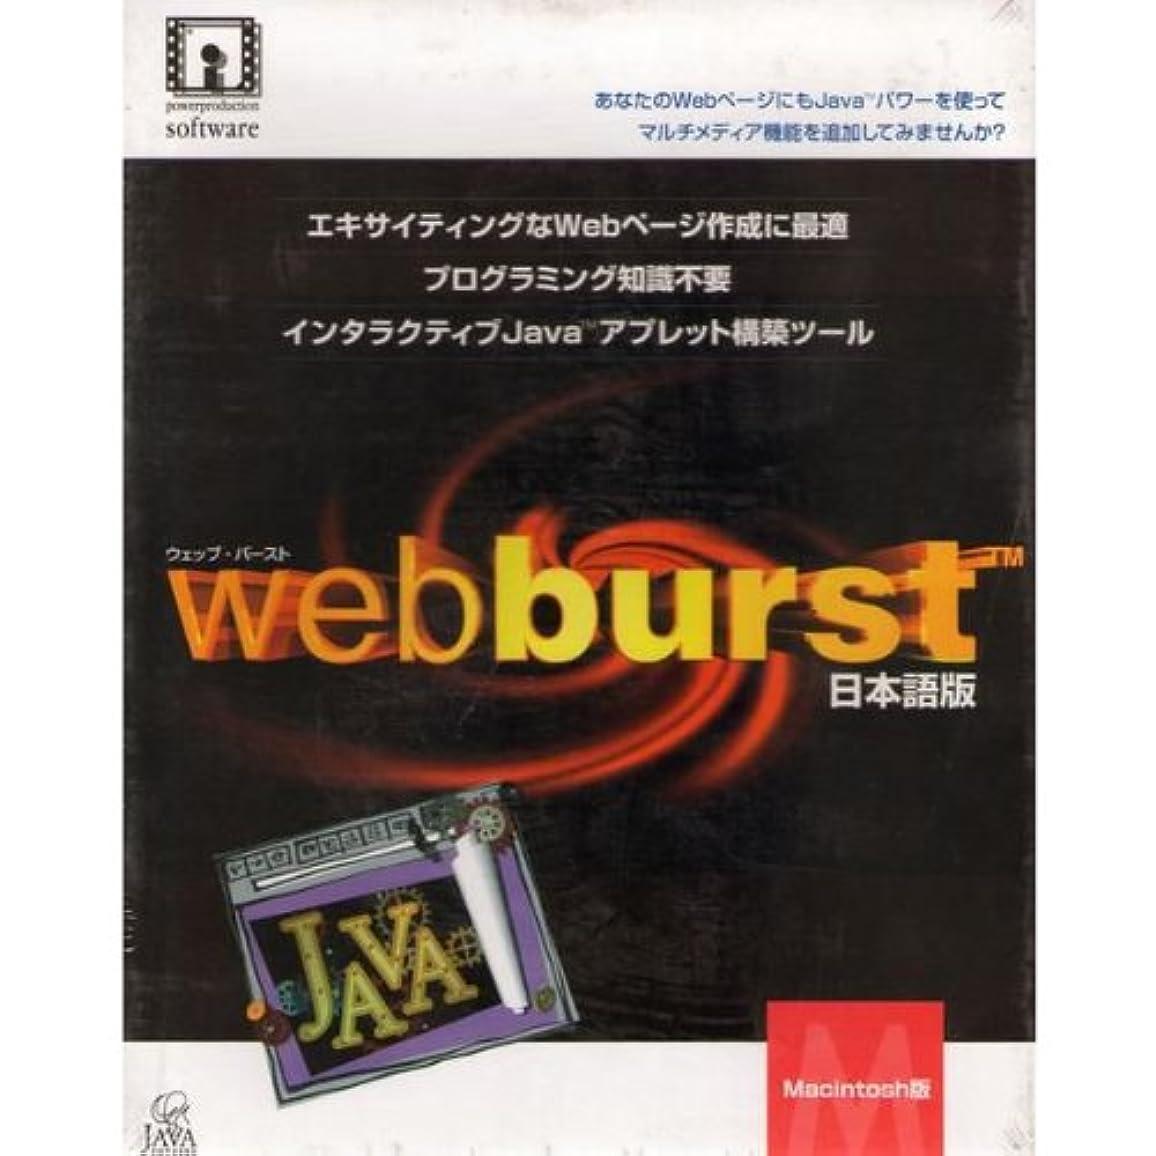 前売けがをする罹患率Webburst 日本語版 Macintosh版